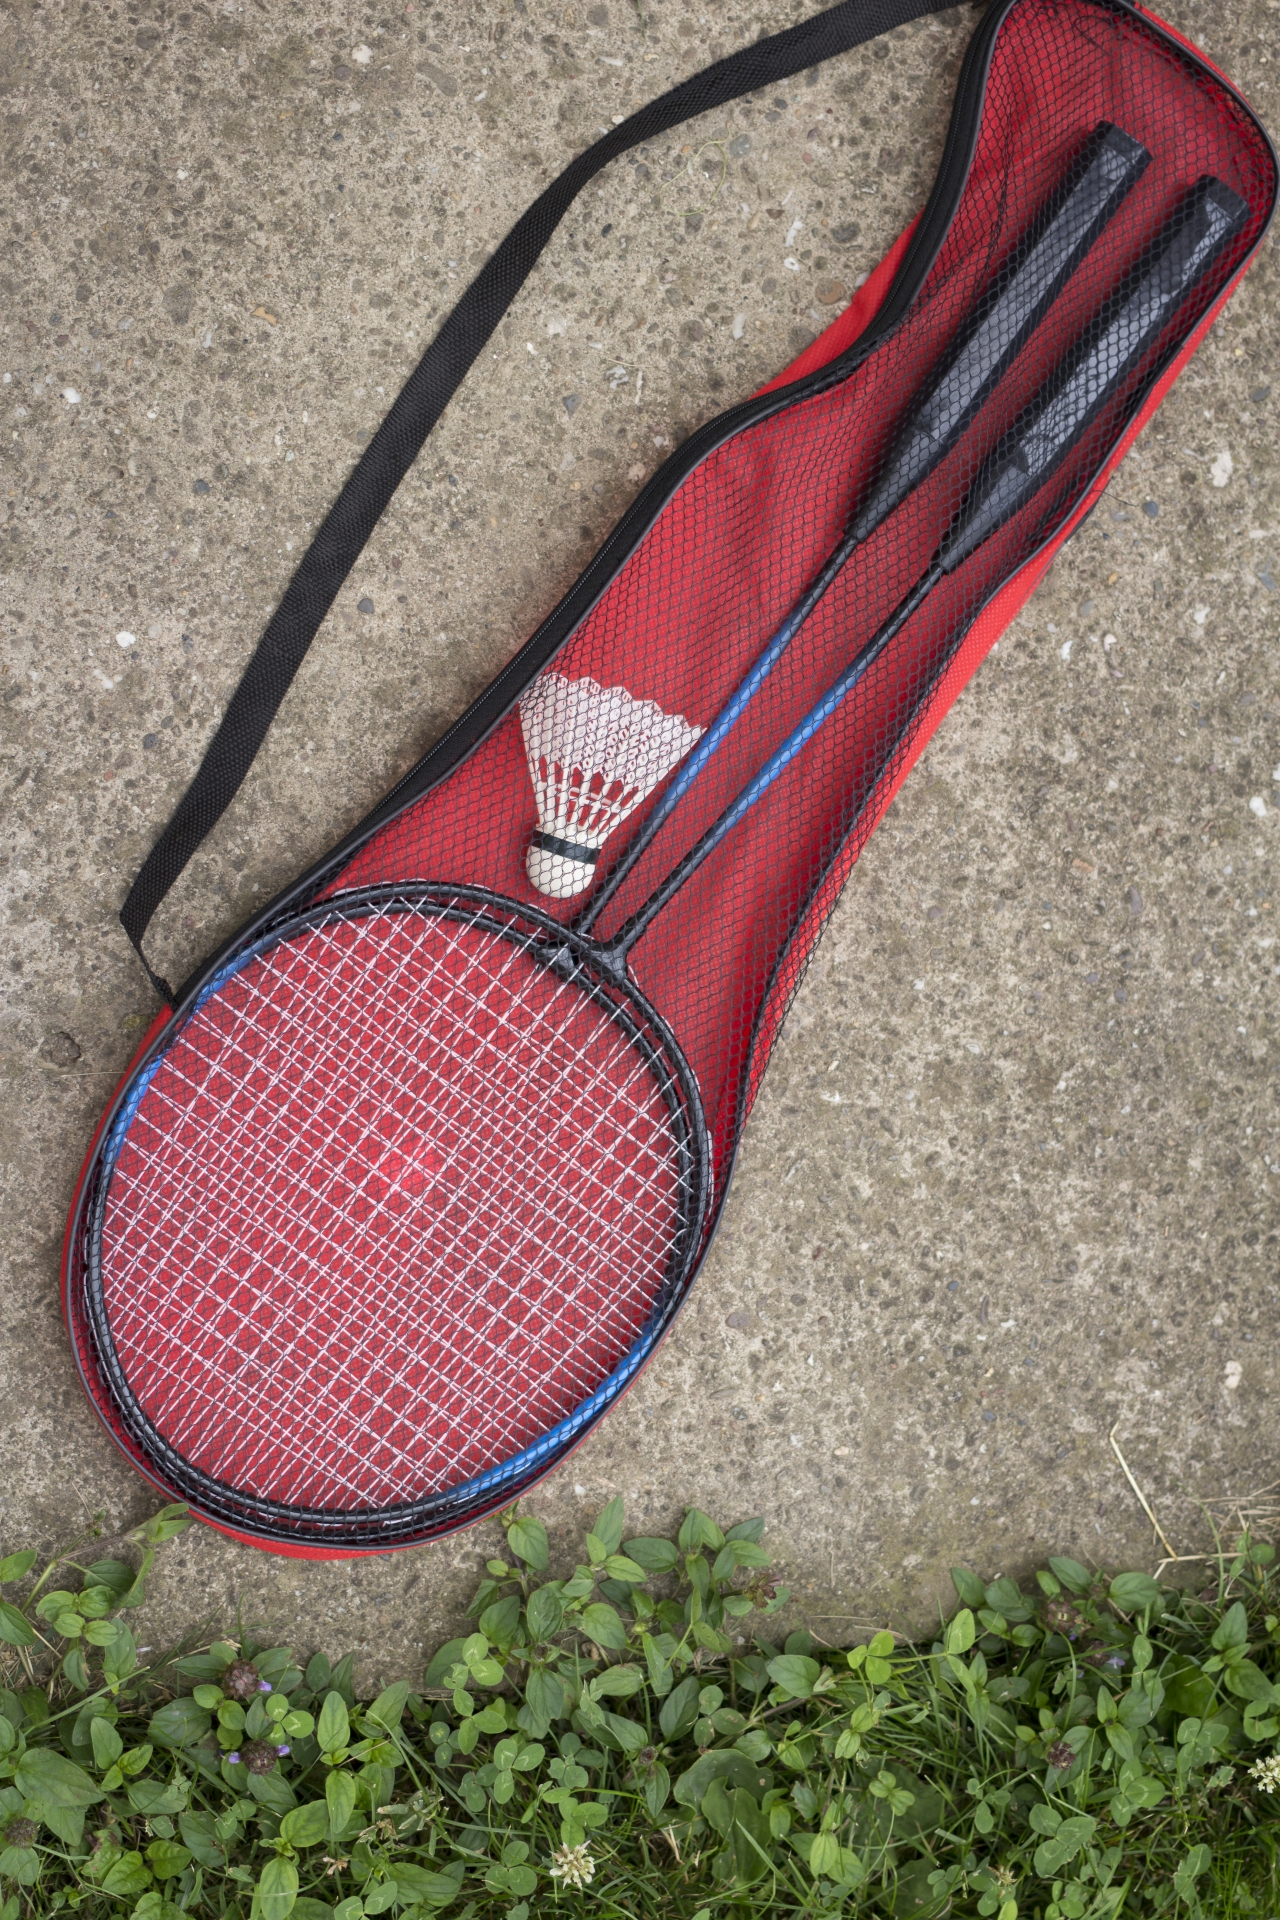 バドミントンのラケットバックの種類とおすすめの選び方をご紹介。